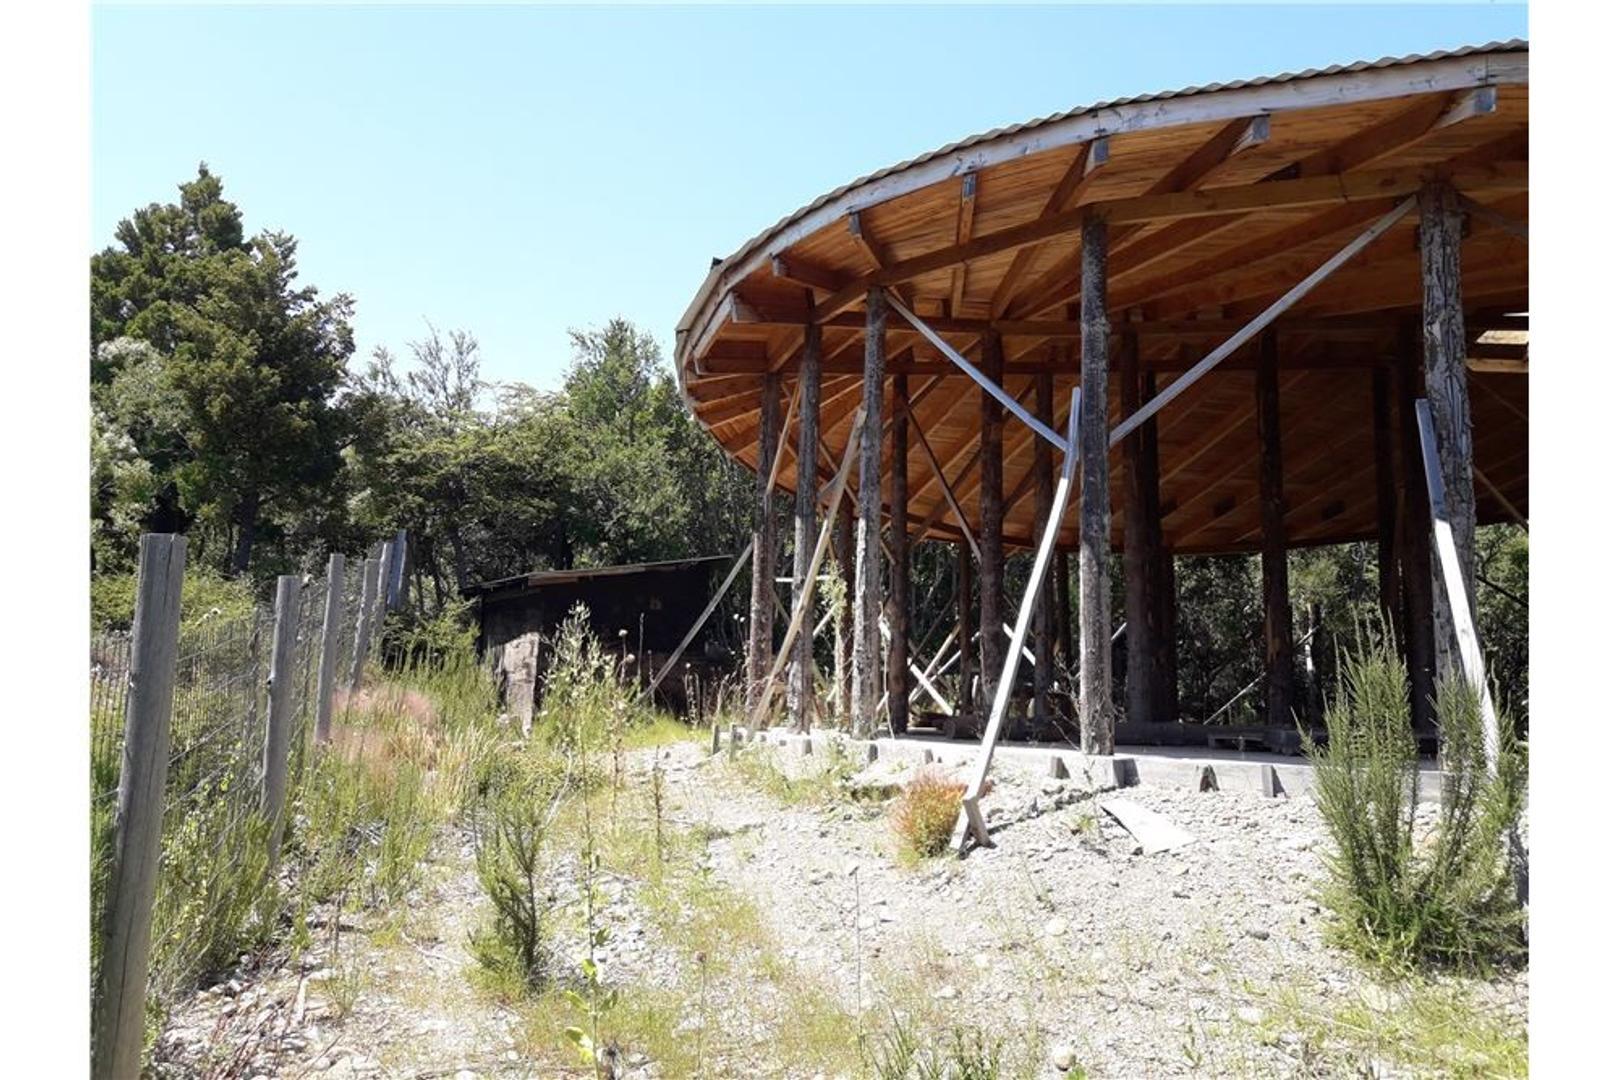 Lote con planos  aprobados, en venta en Bariloche